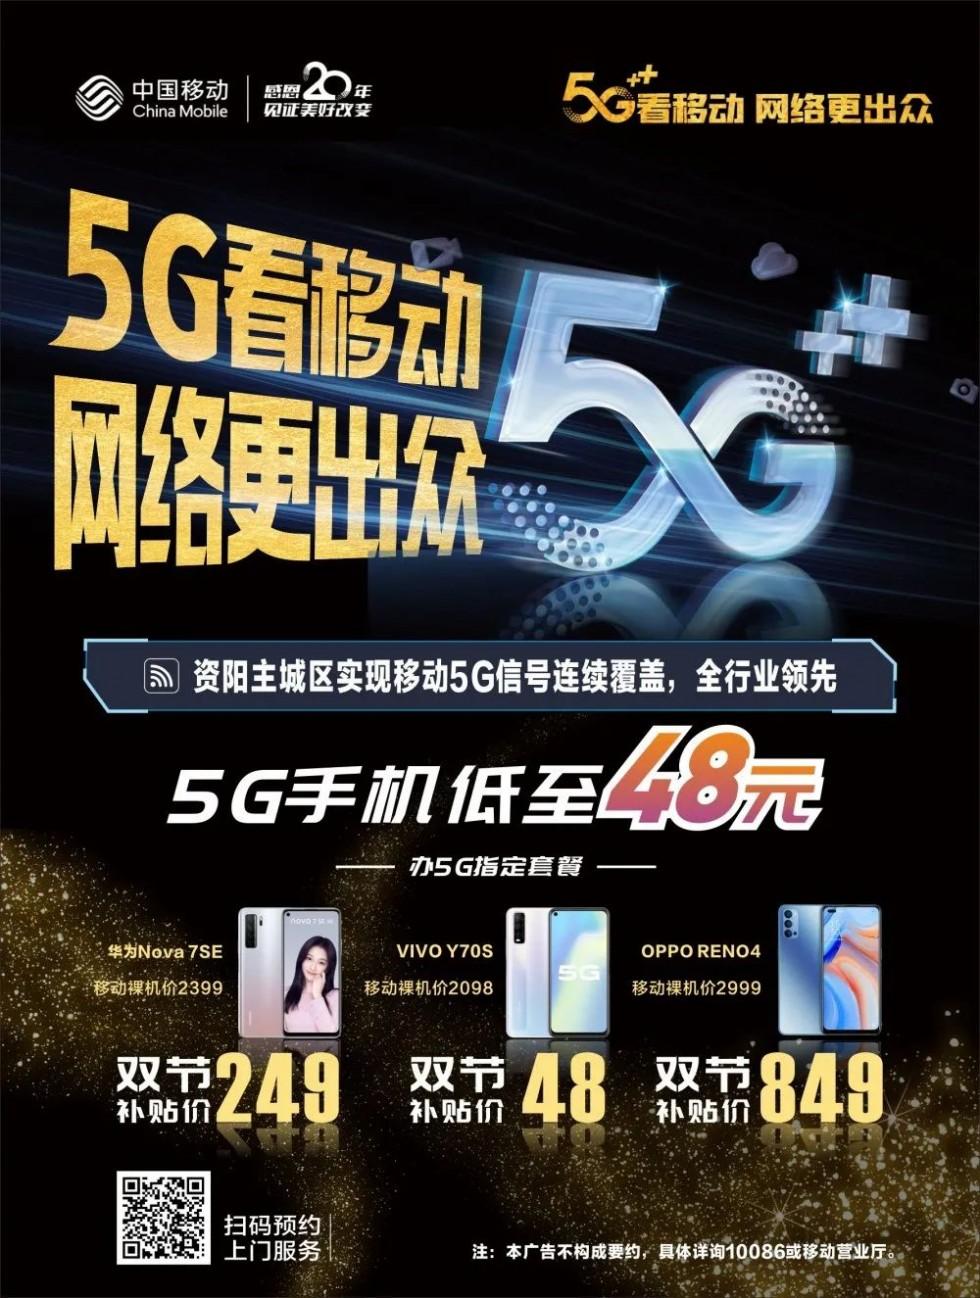 资阳主城区已实现移动5G信号连续覆盖,移动补贴换5G,5G手机低至48元!